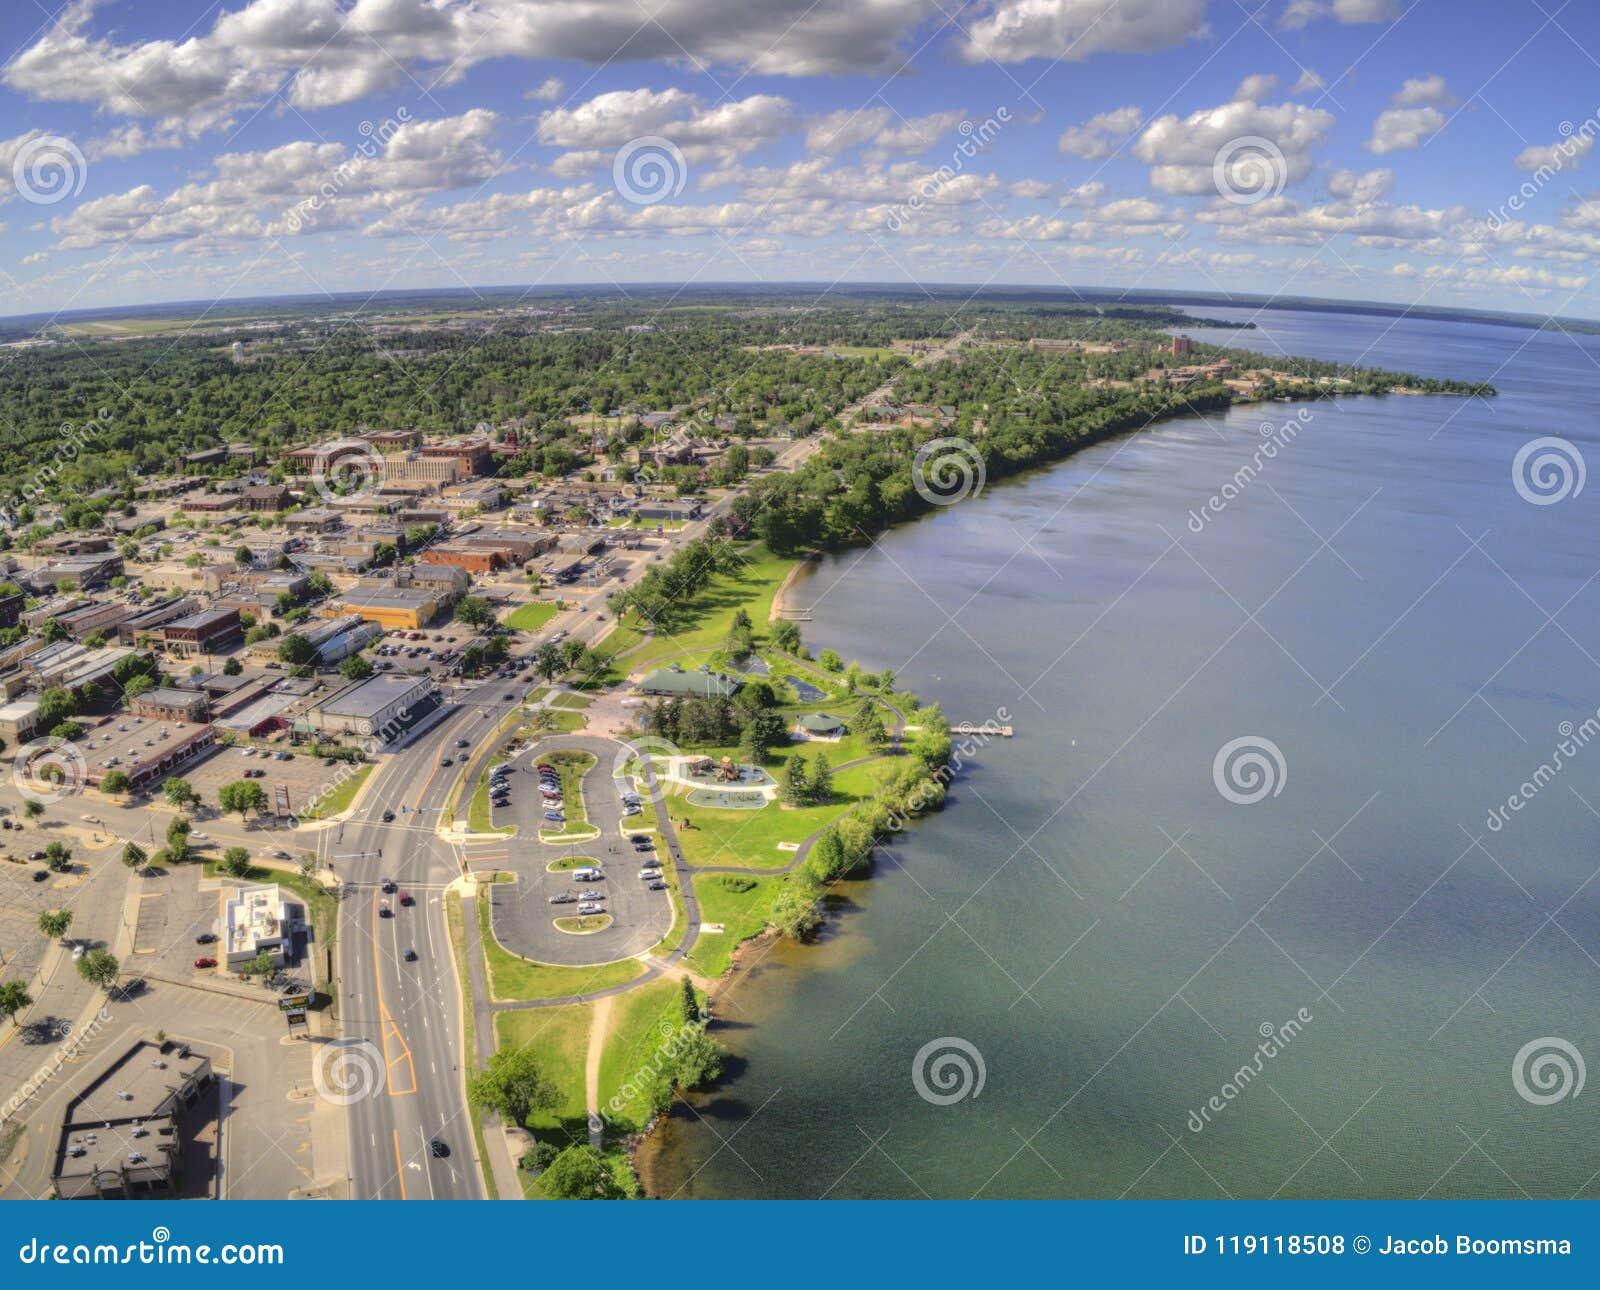 Bemidji è una città nel Minnesota centrale sulle rive di un lago con lo stesso nome